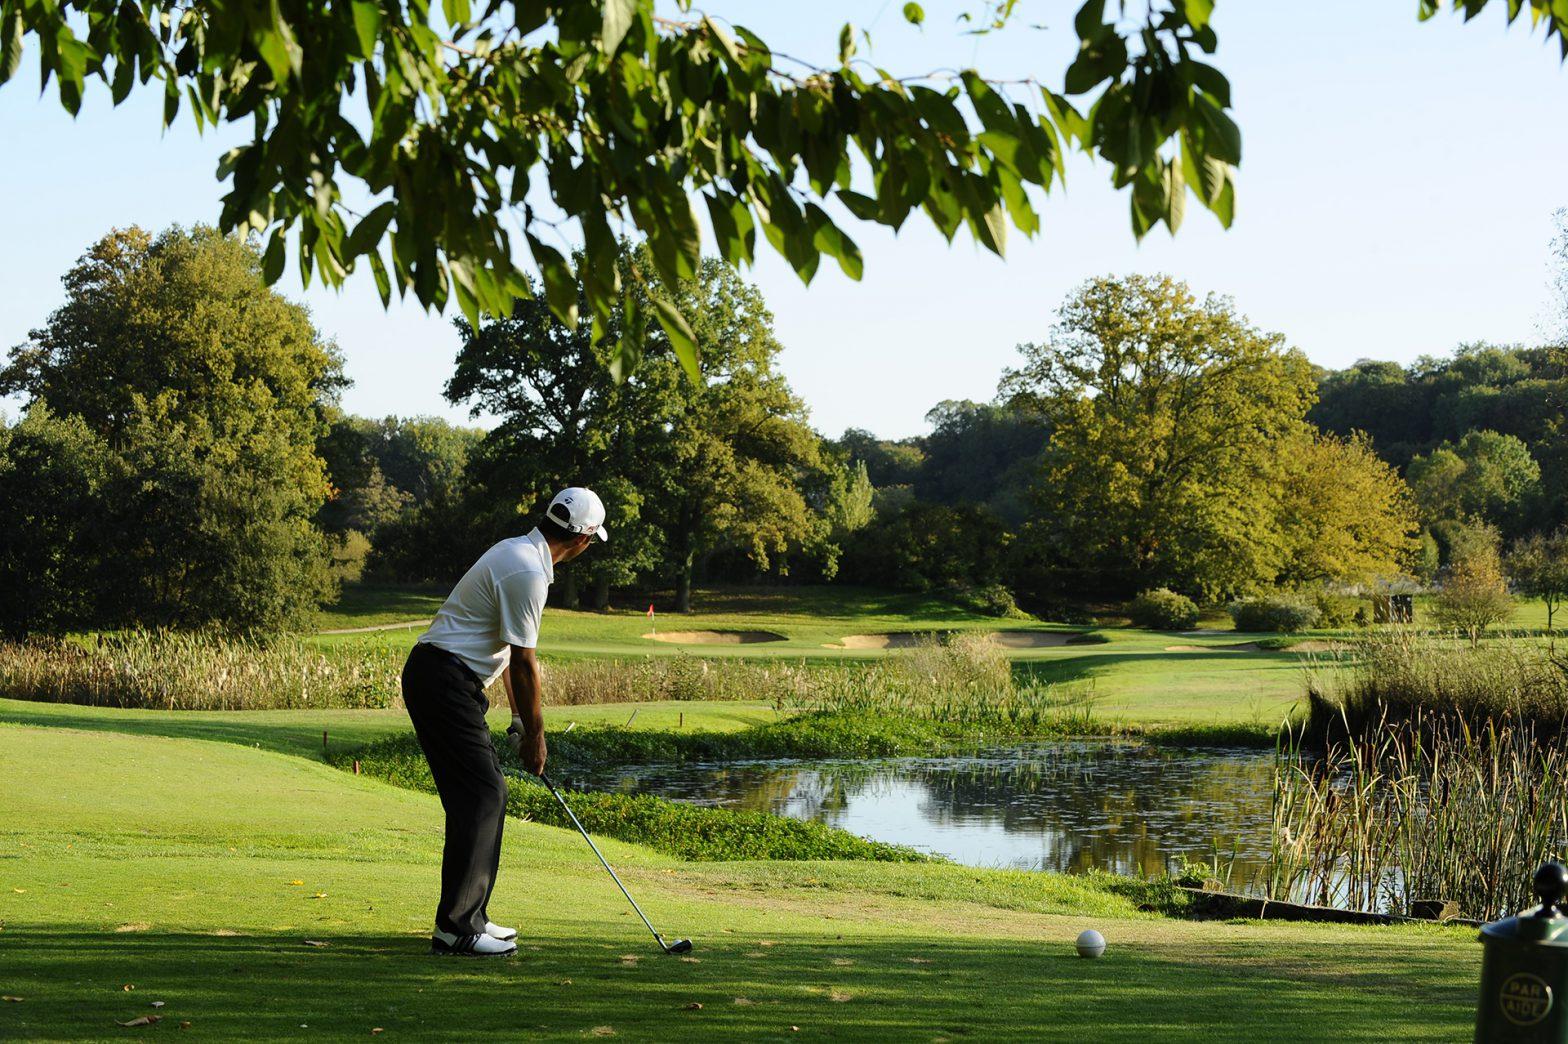 J'ai trop de différence de niveau entre le practice et le parcours | Enphase Golf